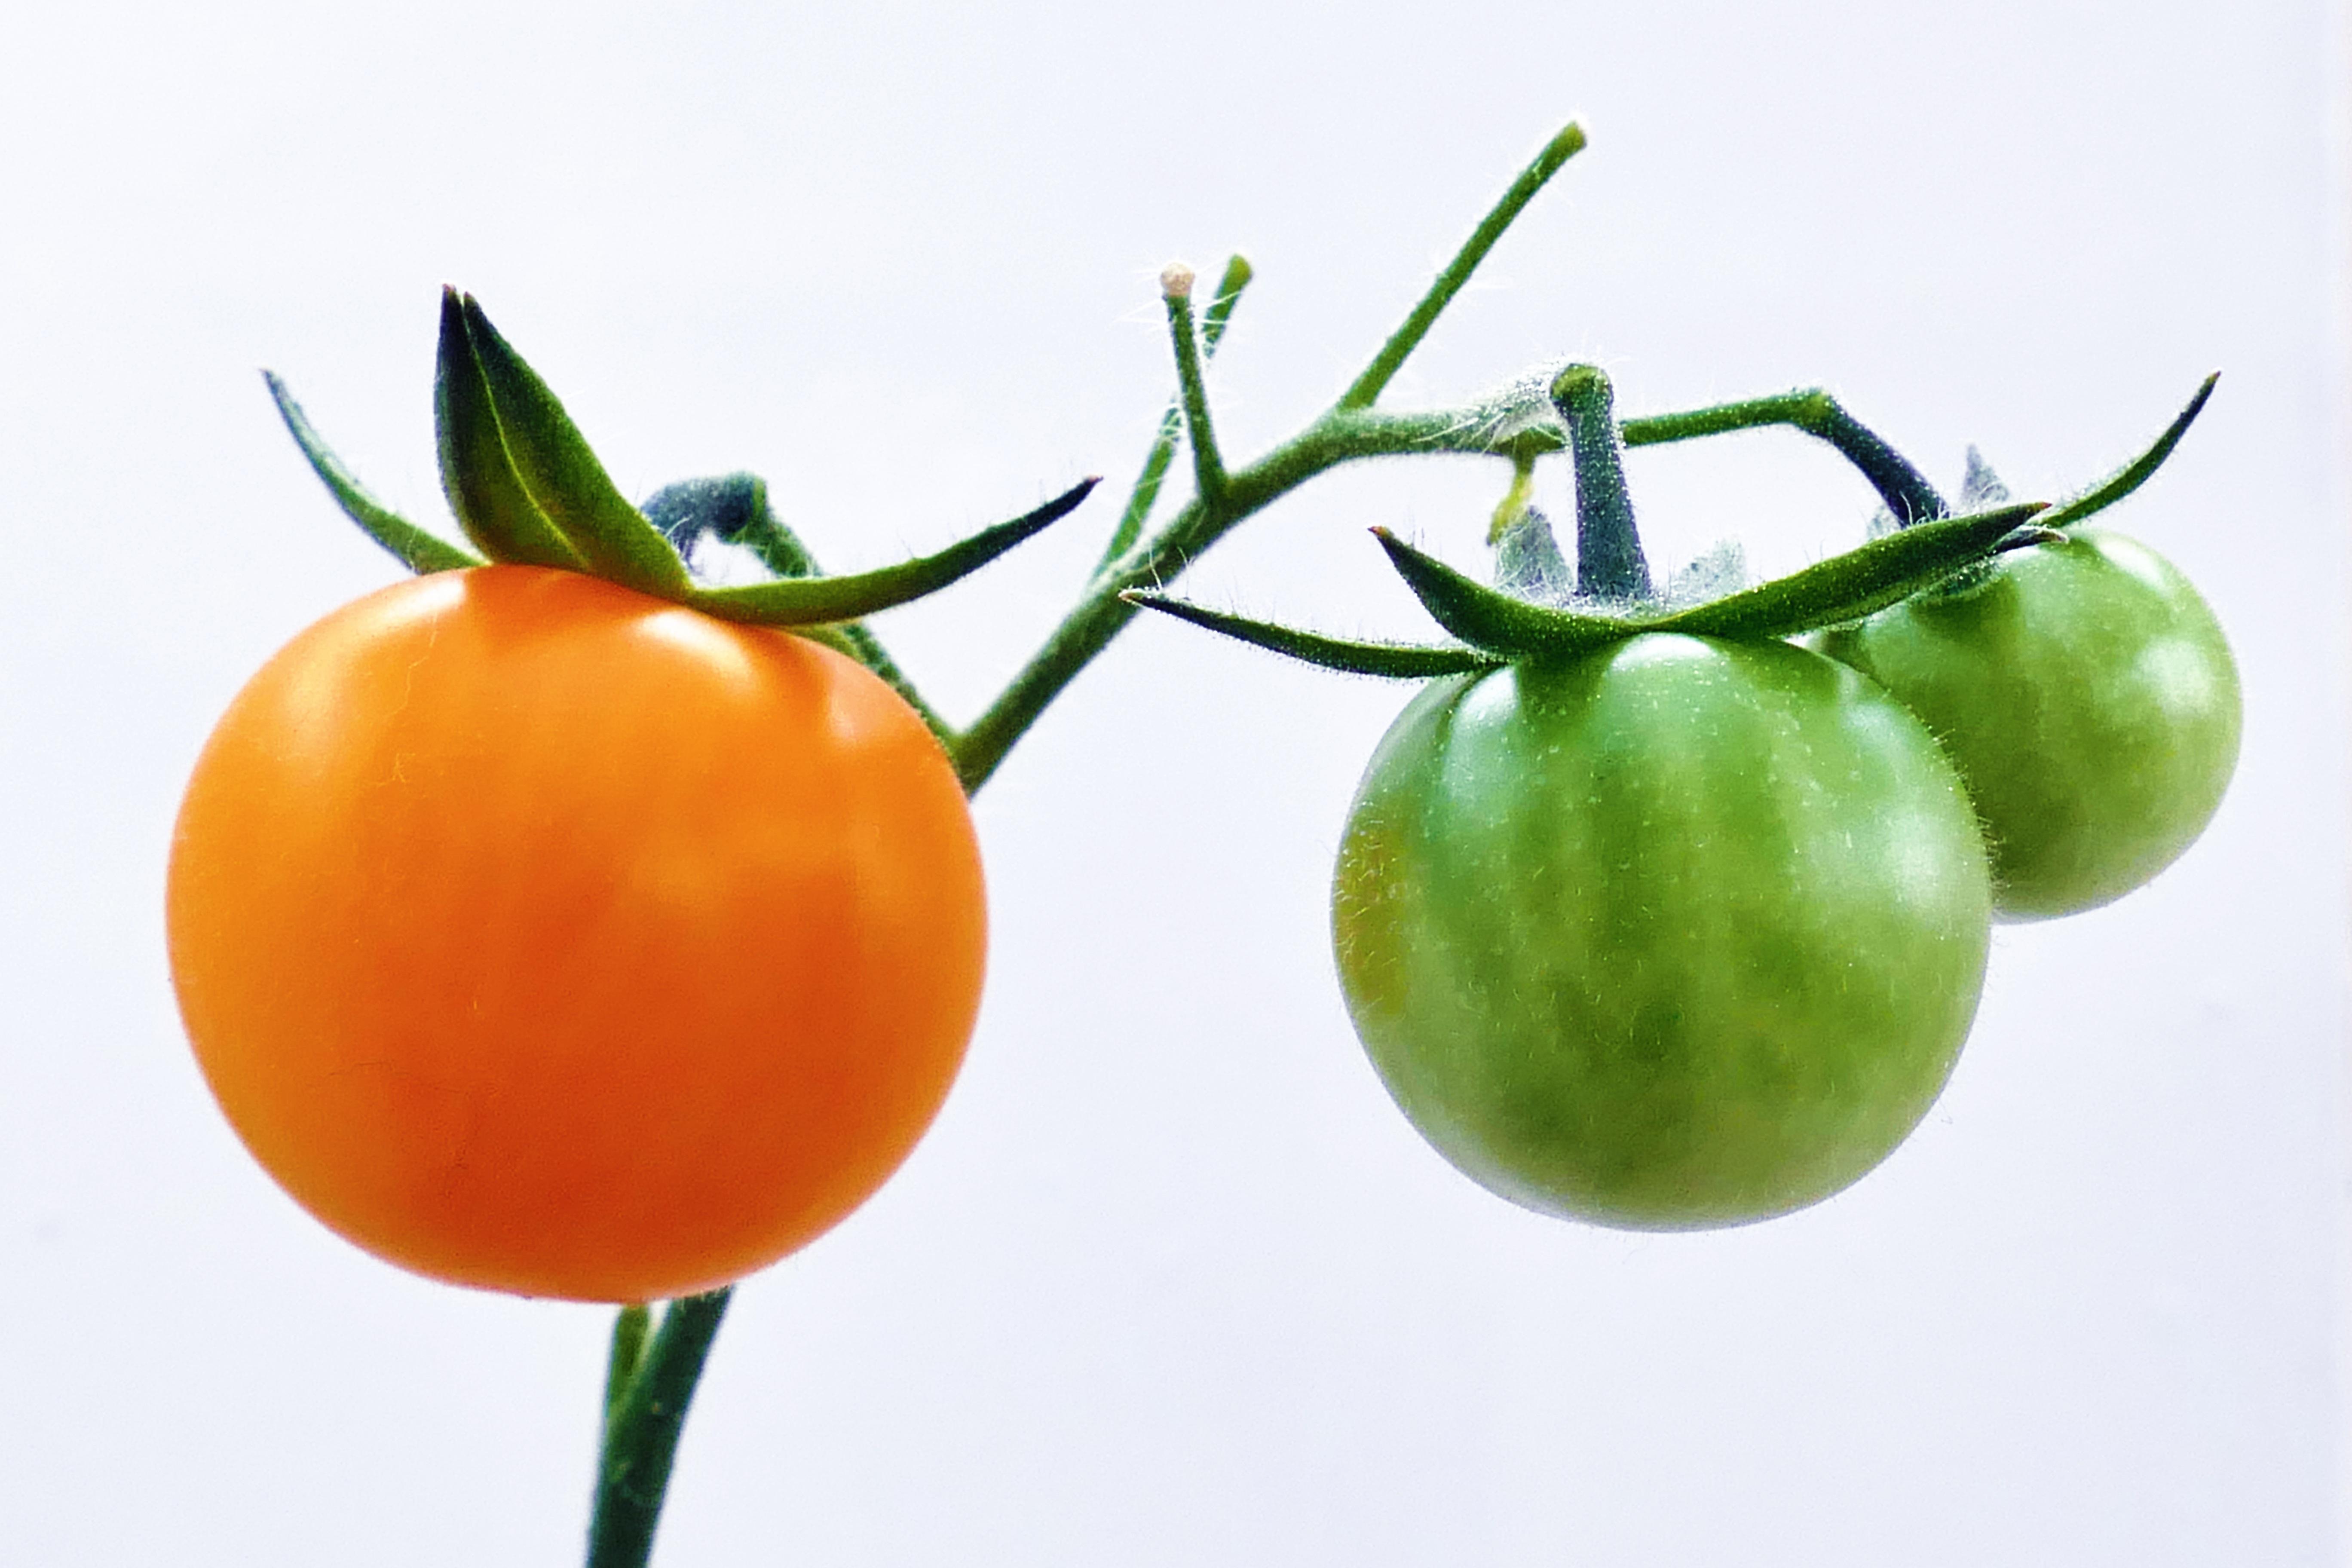 Kostenlose foto : Natur, Frucht, reif, Orange, Lebensmittel, Grün ...